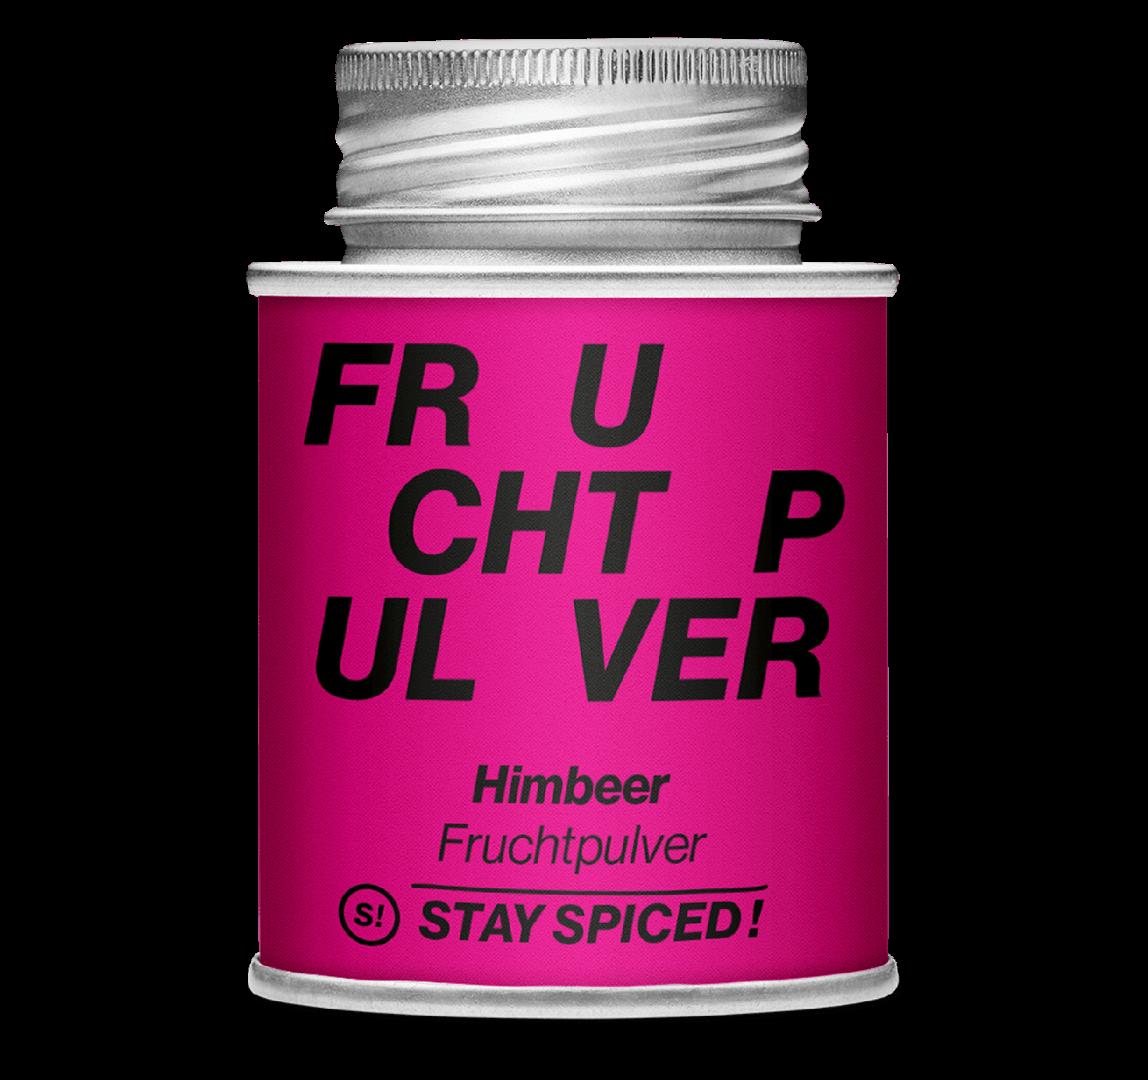 Gewürzzubereitung - Himbeer Fruchtpulver sprühgetrocknet